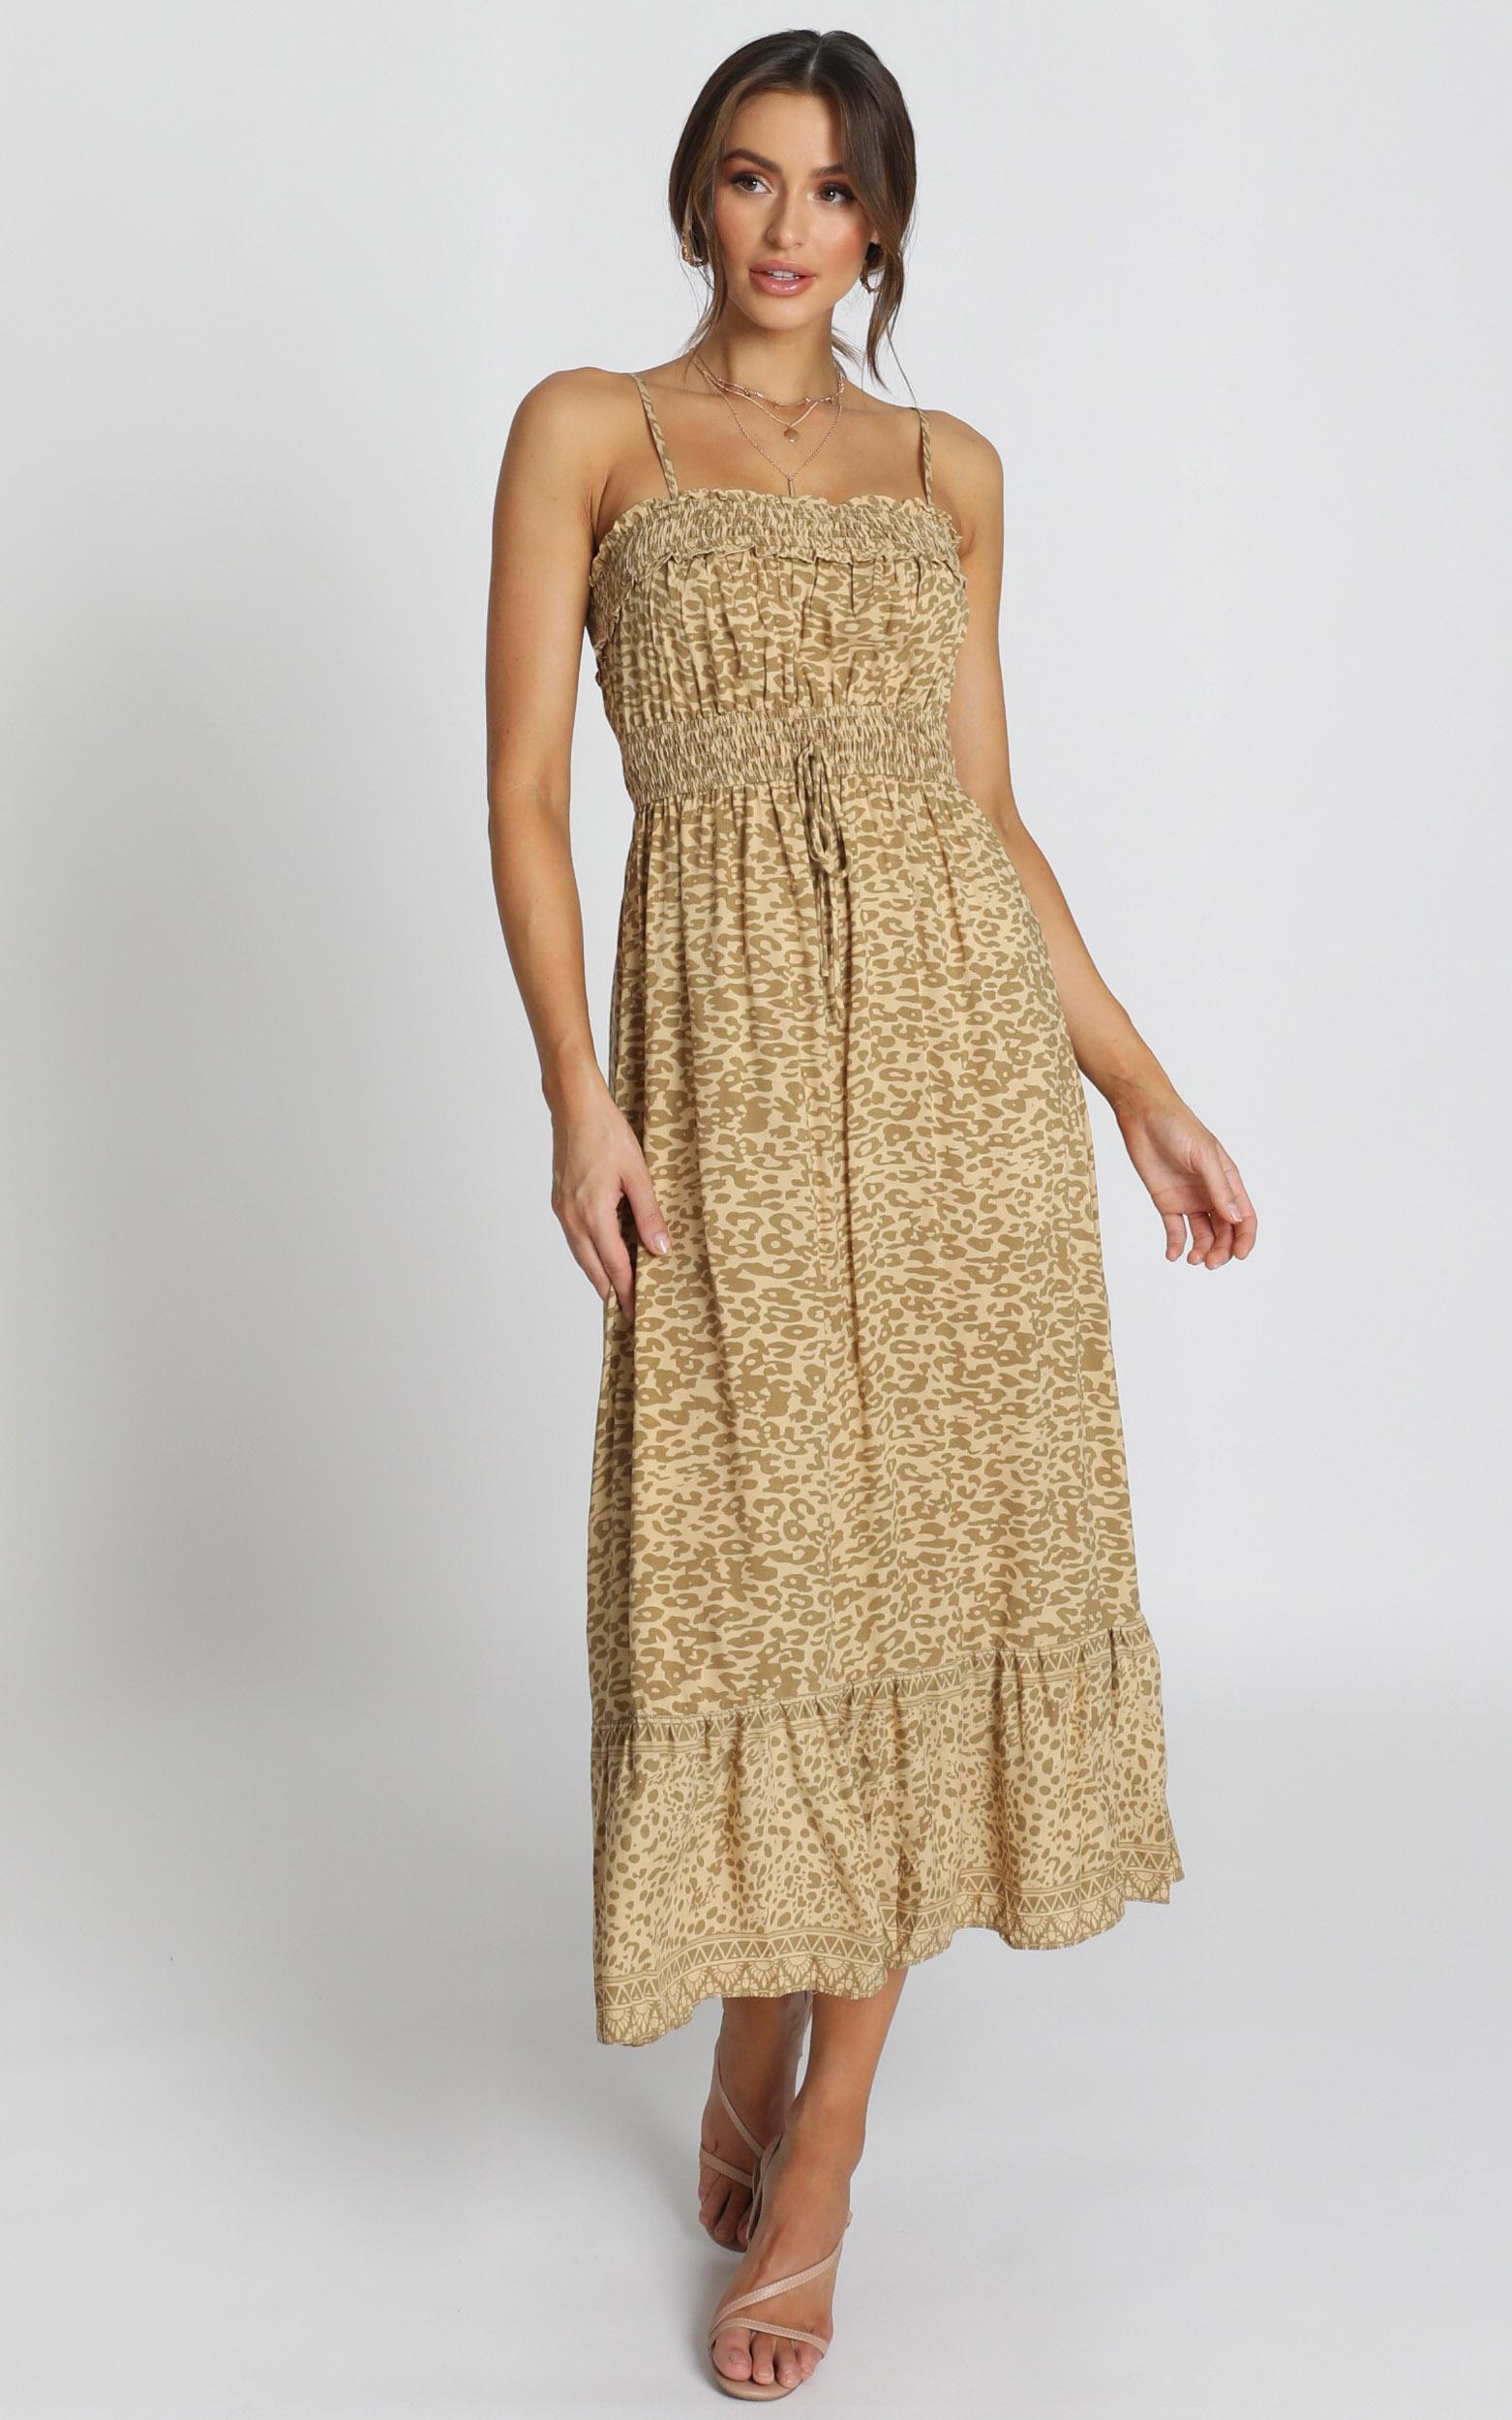 Dakotah Dress in leopard print - 14 (XL), Brown, hi-res image number null